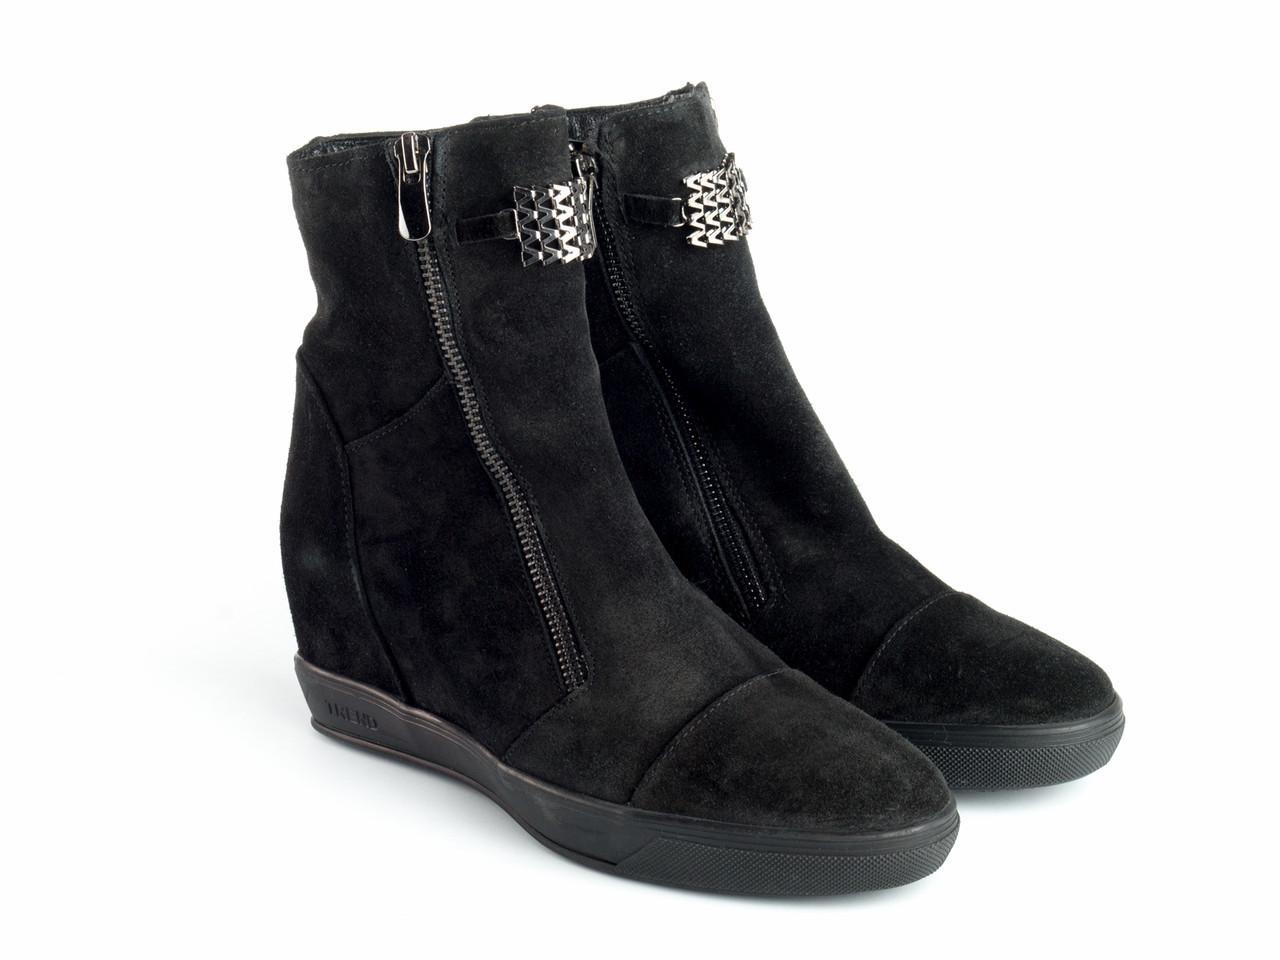 Ботинки Etor 6442-01058 37 черные